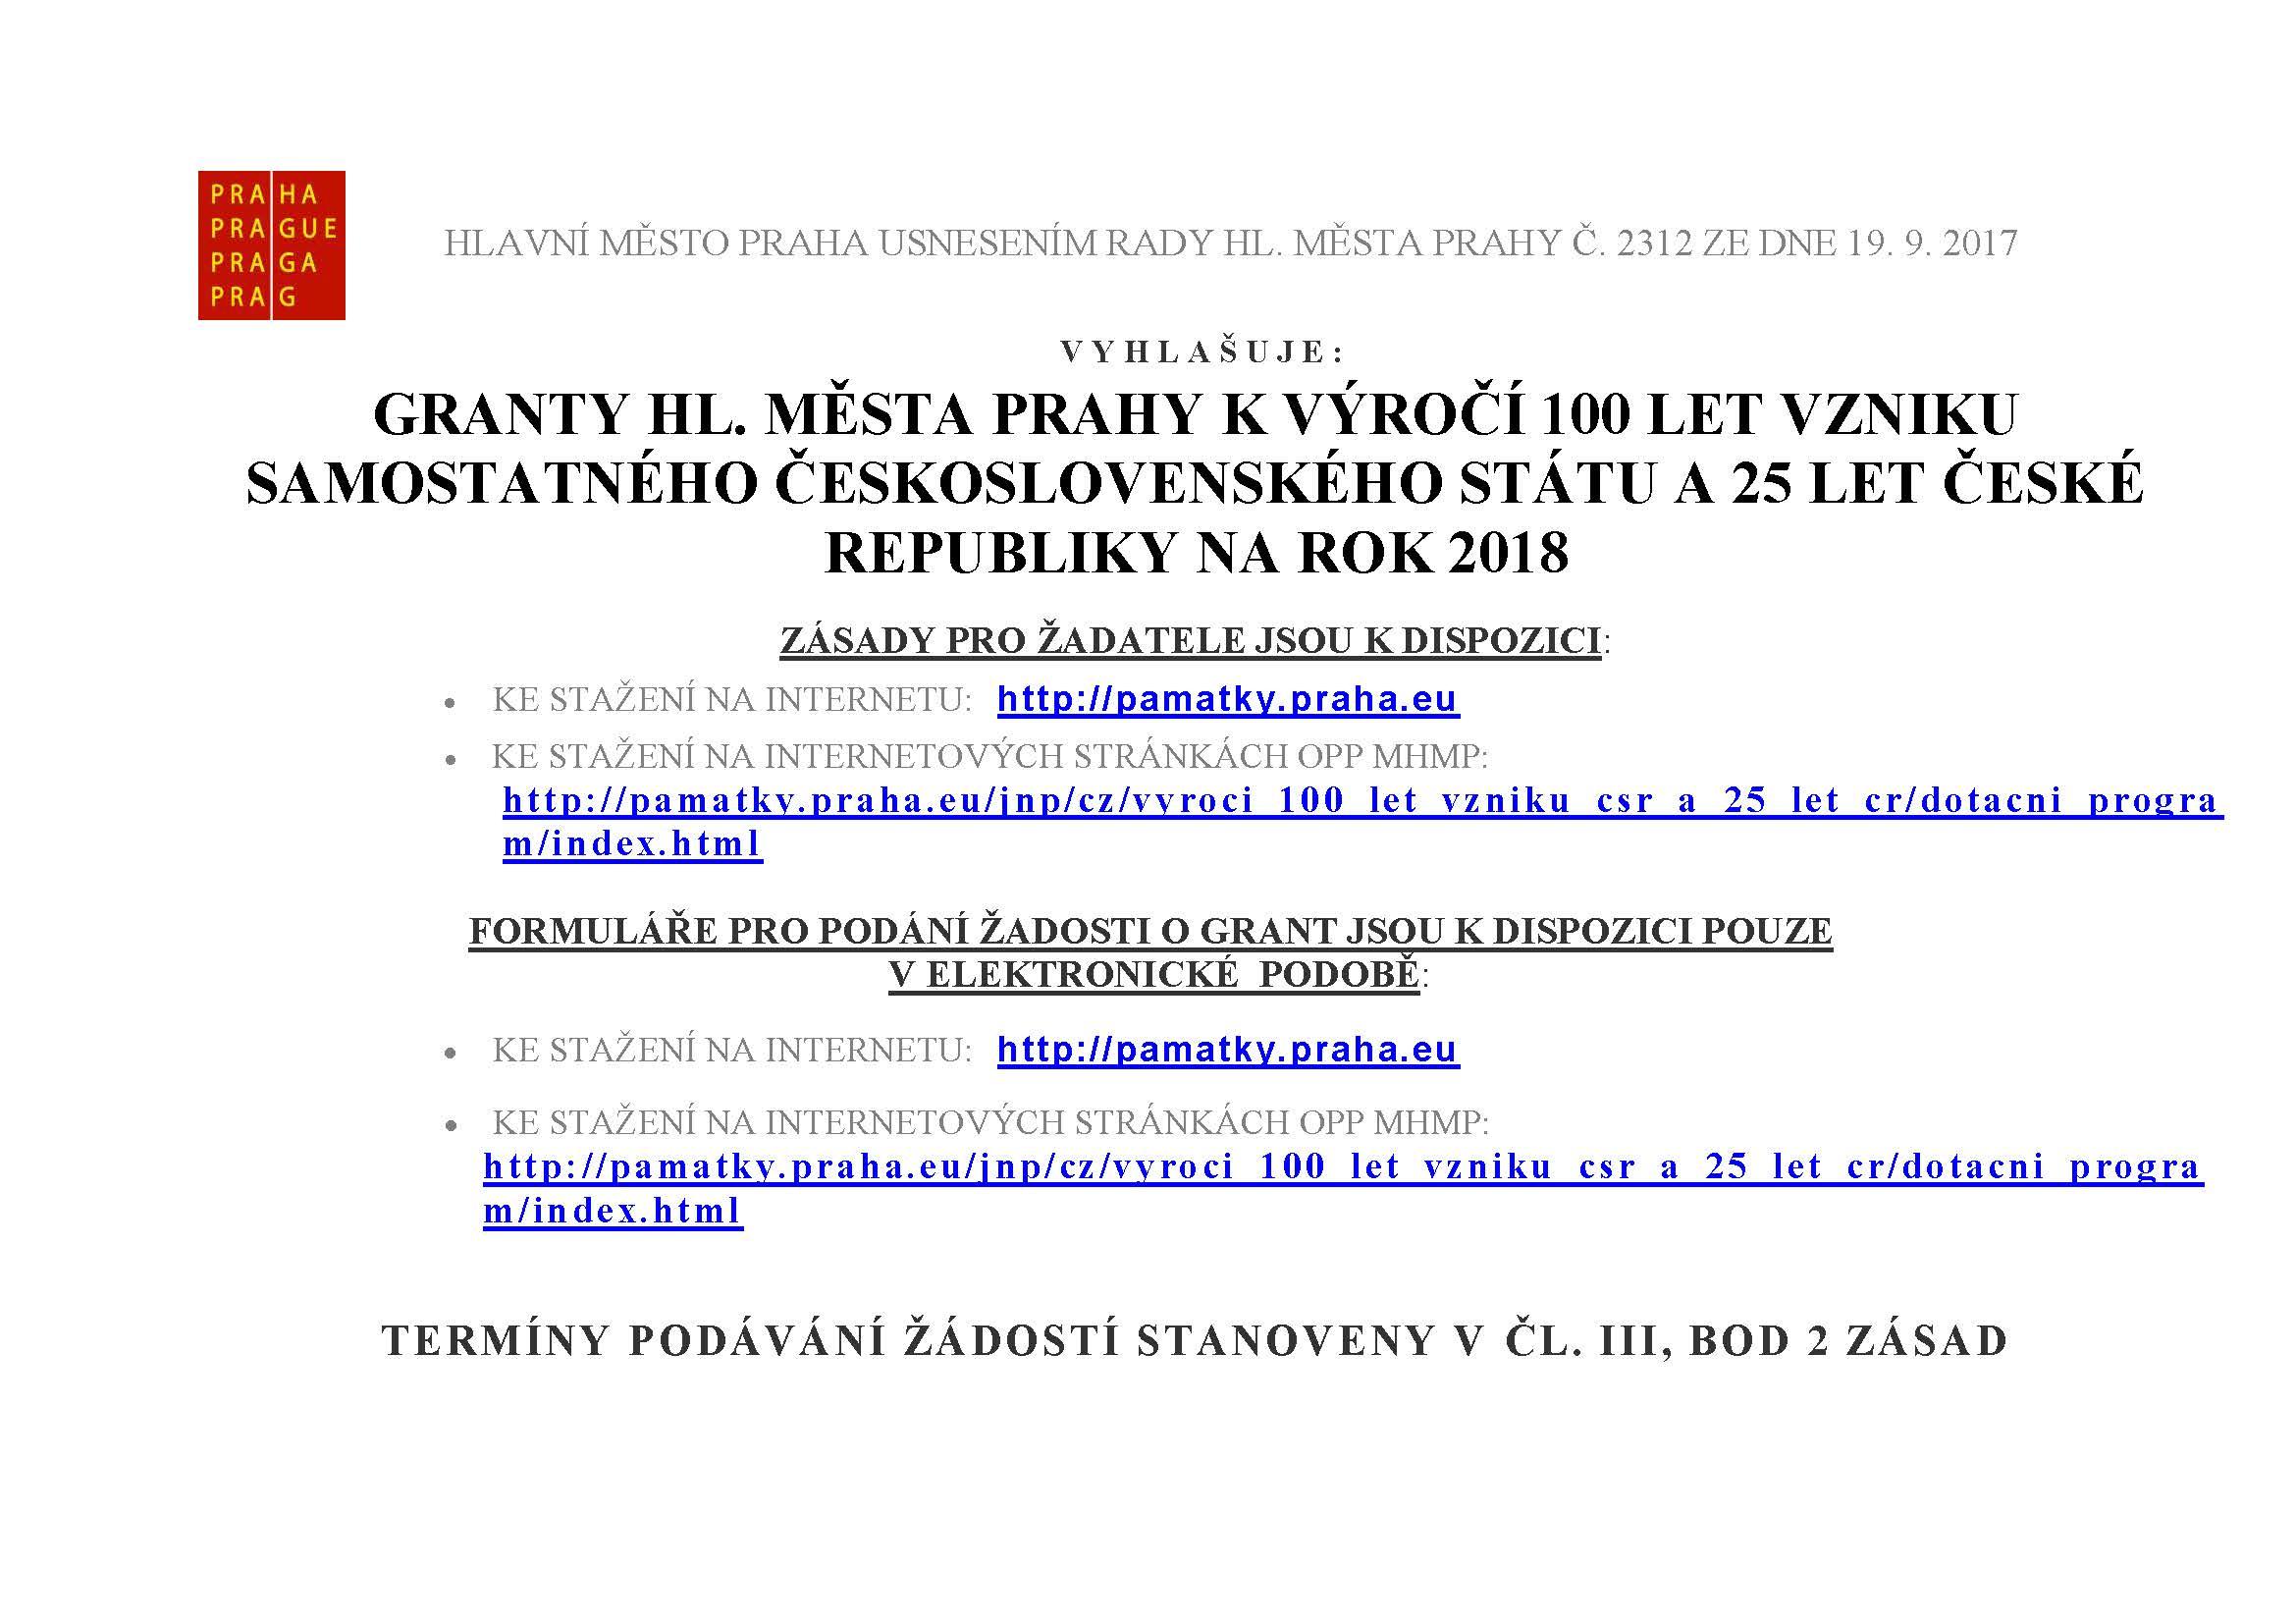 Praha vyhlásila grantový program ke 100. výročí vzniku republiky a k 25 letům ČR na rok 2018